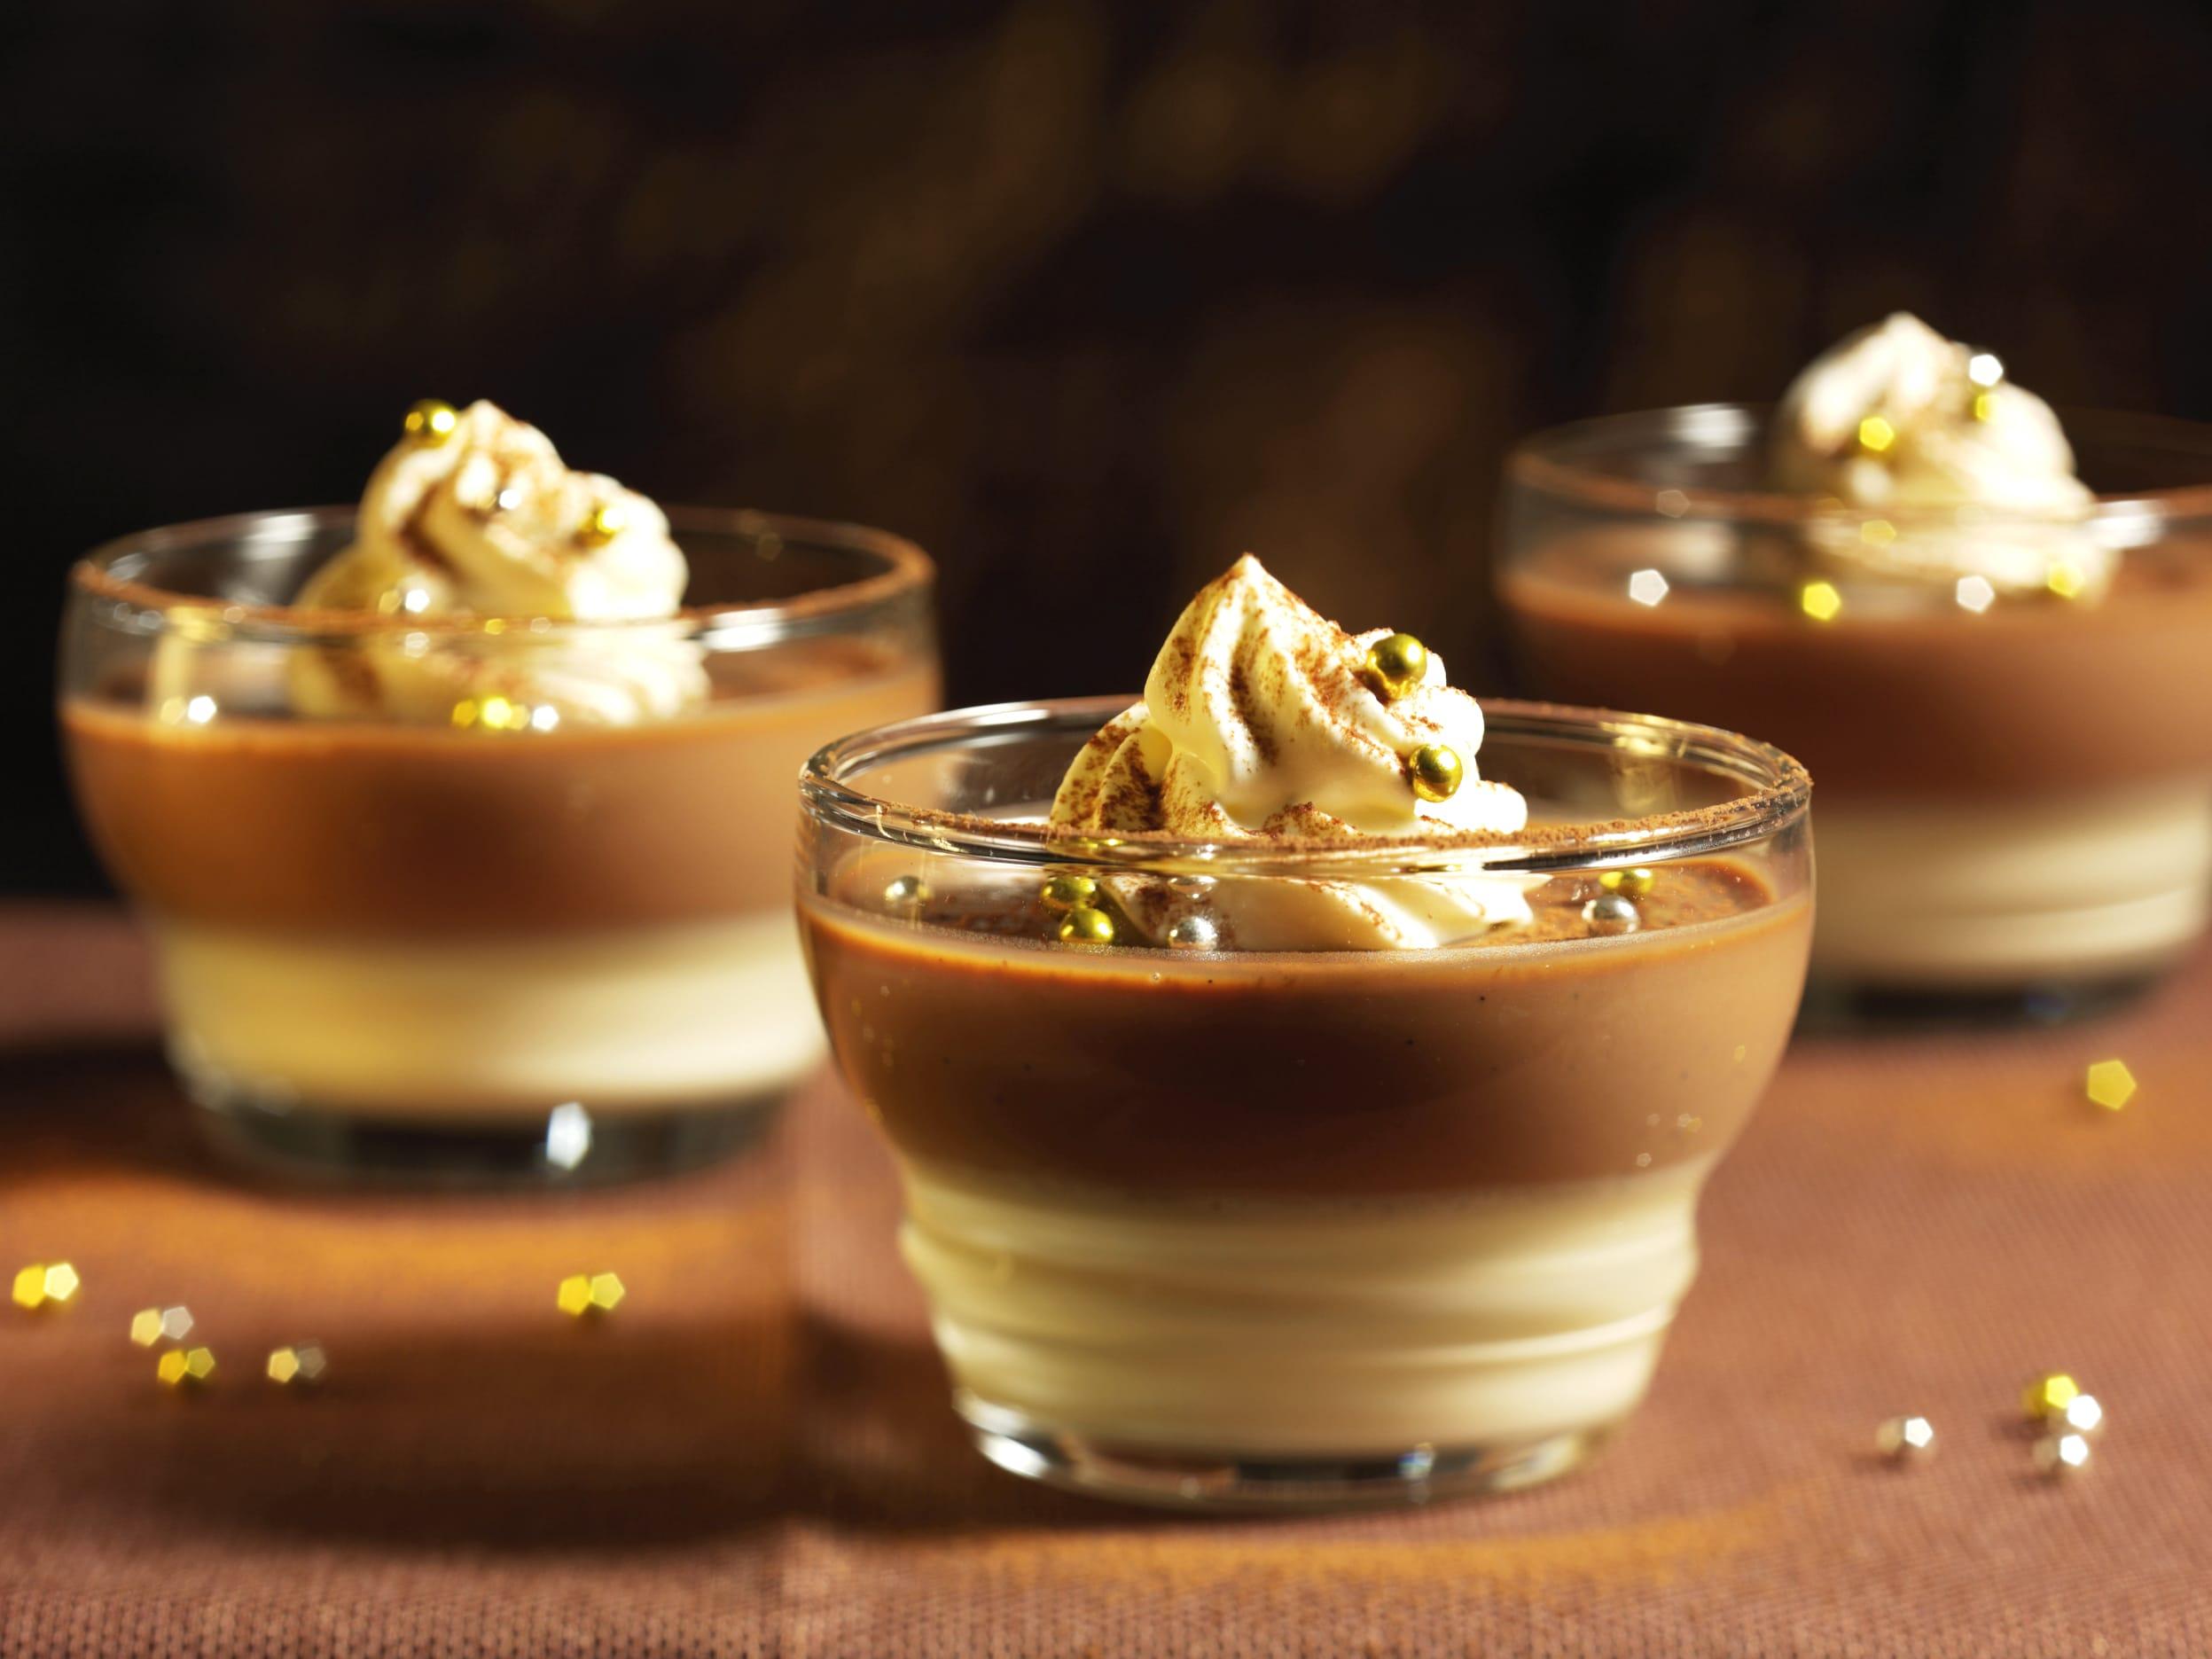 Schokoladen-Panna-cotta